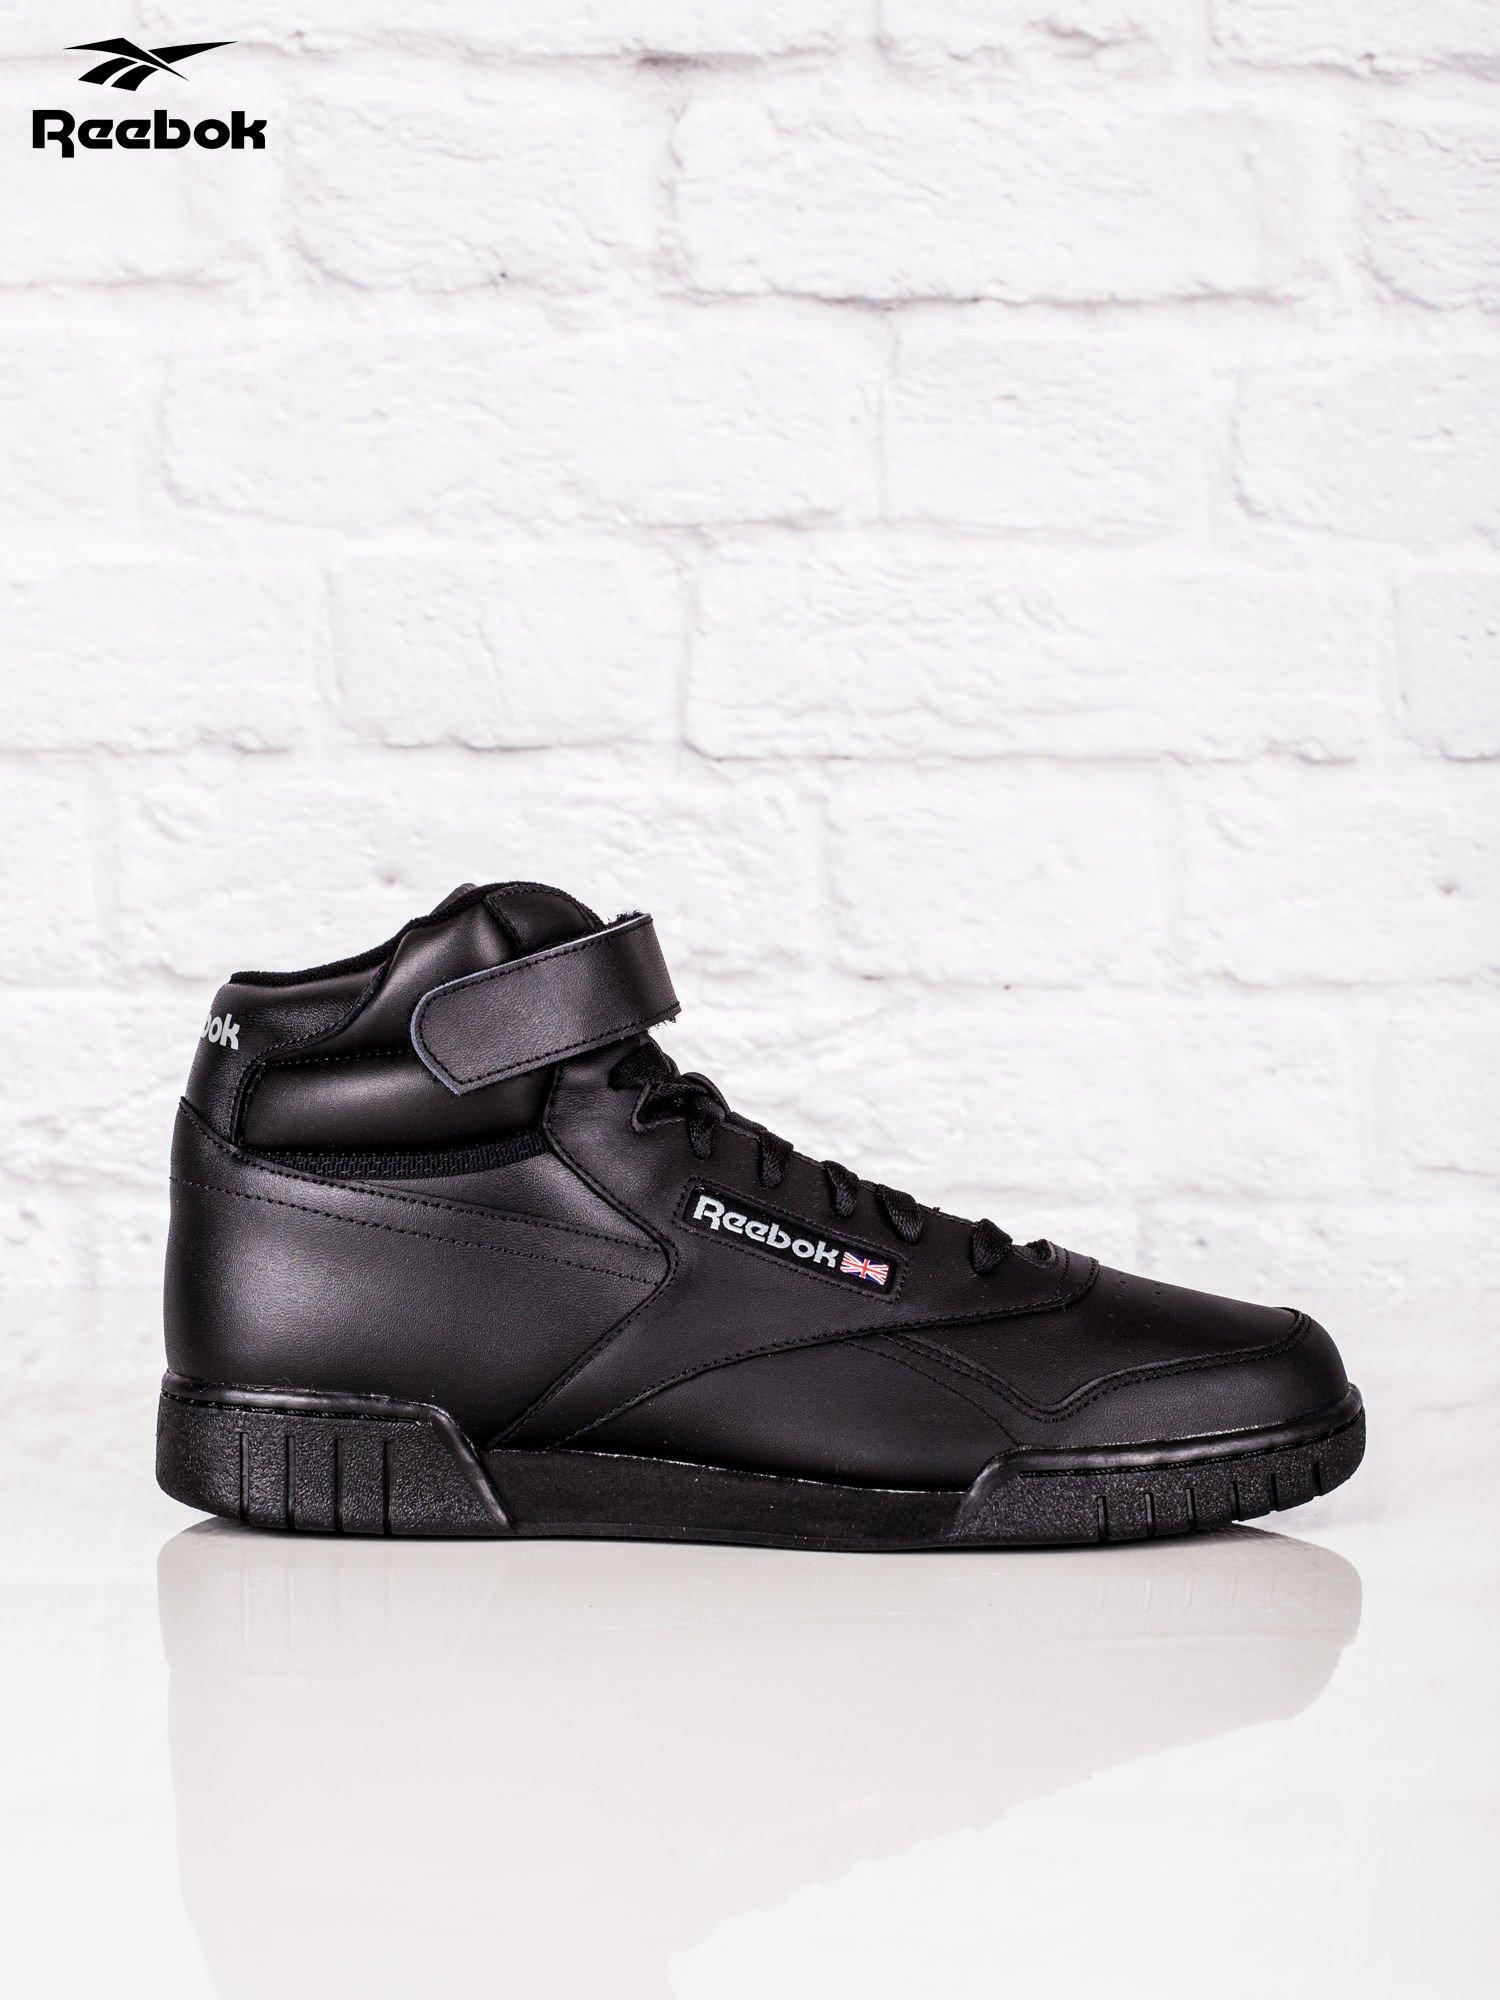 d6a330b448afc7 REEBOK Czarne buty sportowe męskie Ex-O-Fit Hi - Mężczyźni Buty ...